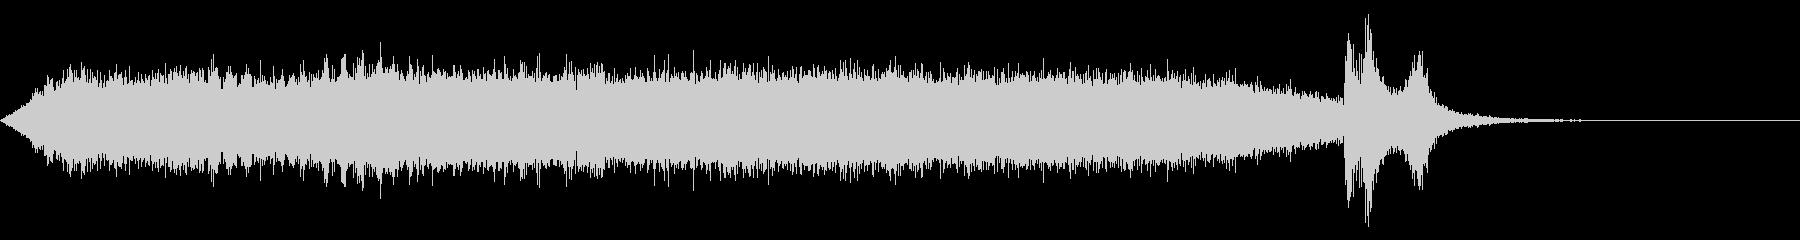 ワープ 宇宙的 未来的な効果音 02の未再生の波形